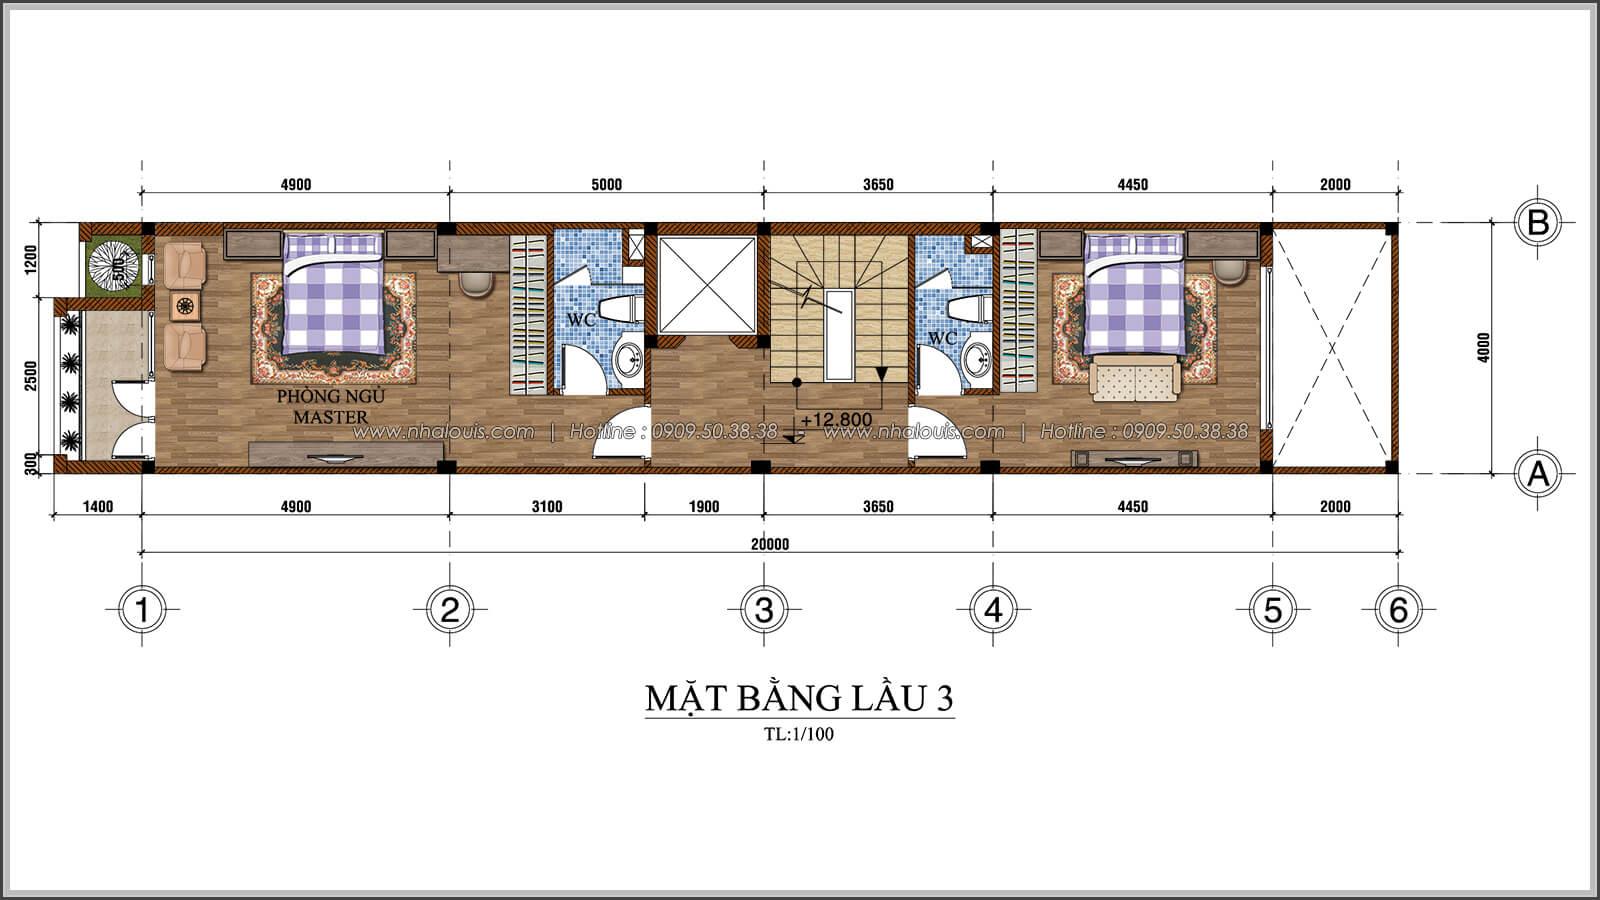 Mặt bằng lầu 3 Tư vấn thiết kế mẫu nhà đẹp 4x20 tại quận 8 - 06